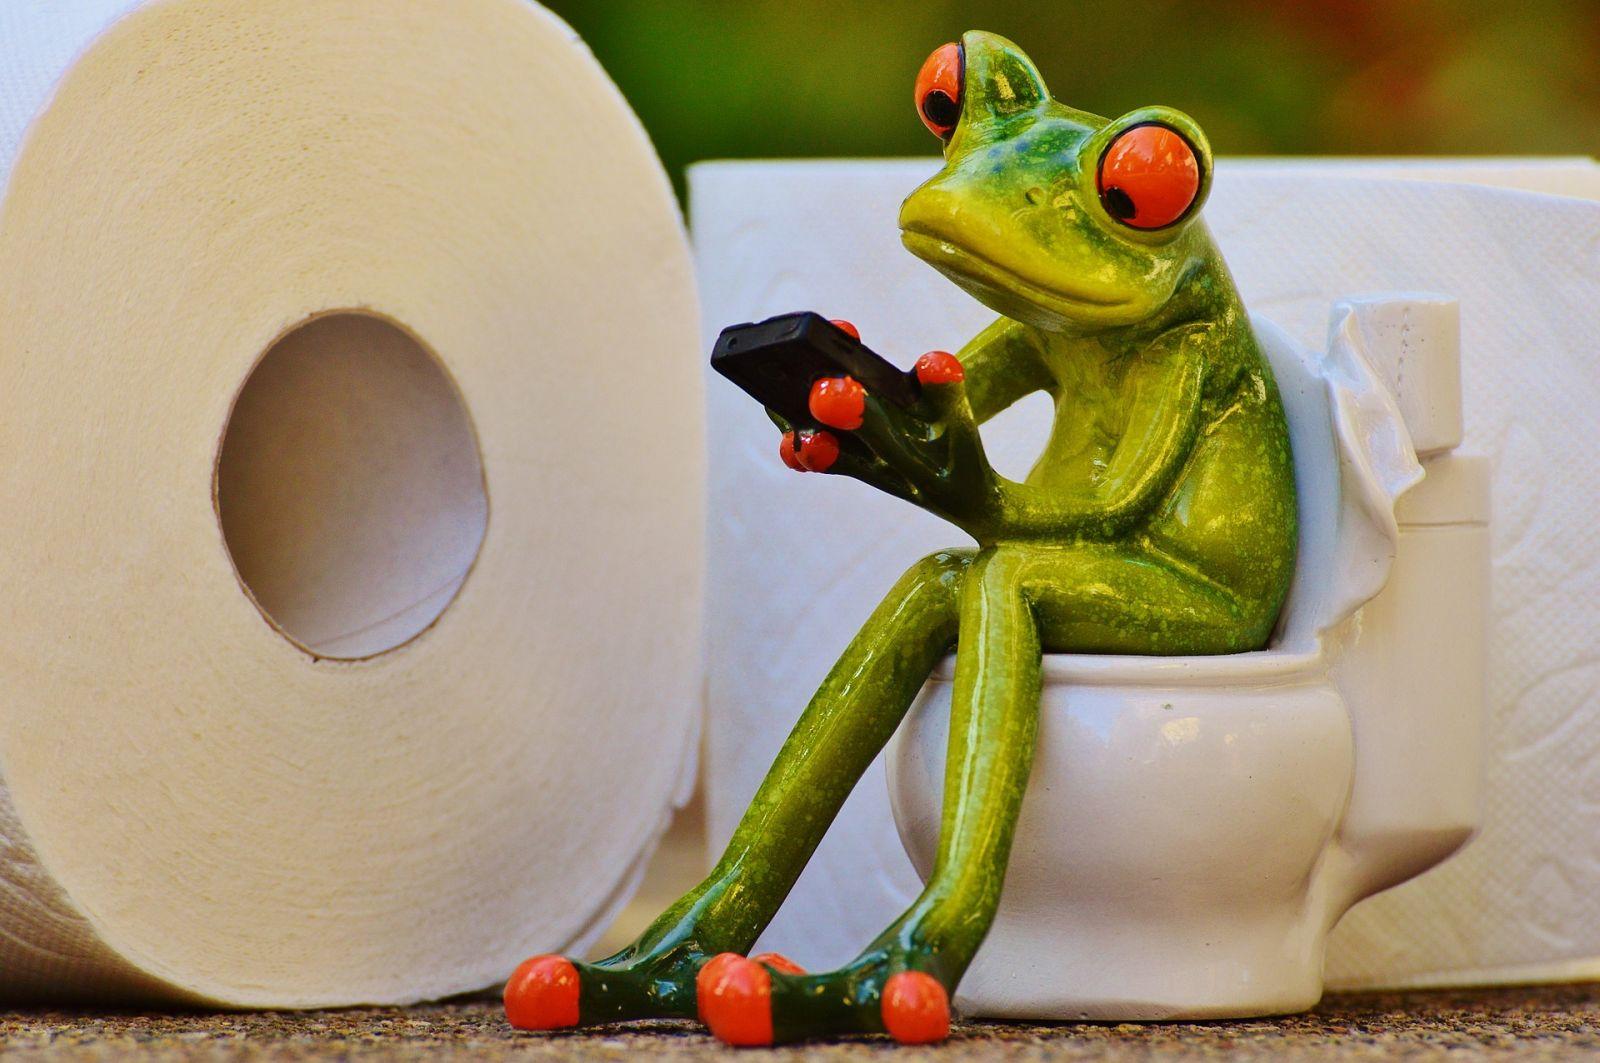 Waargebeurd liefdesverhaal (9). That's me in the toilet.